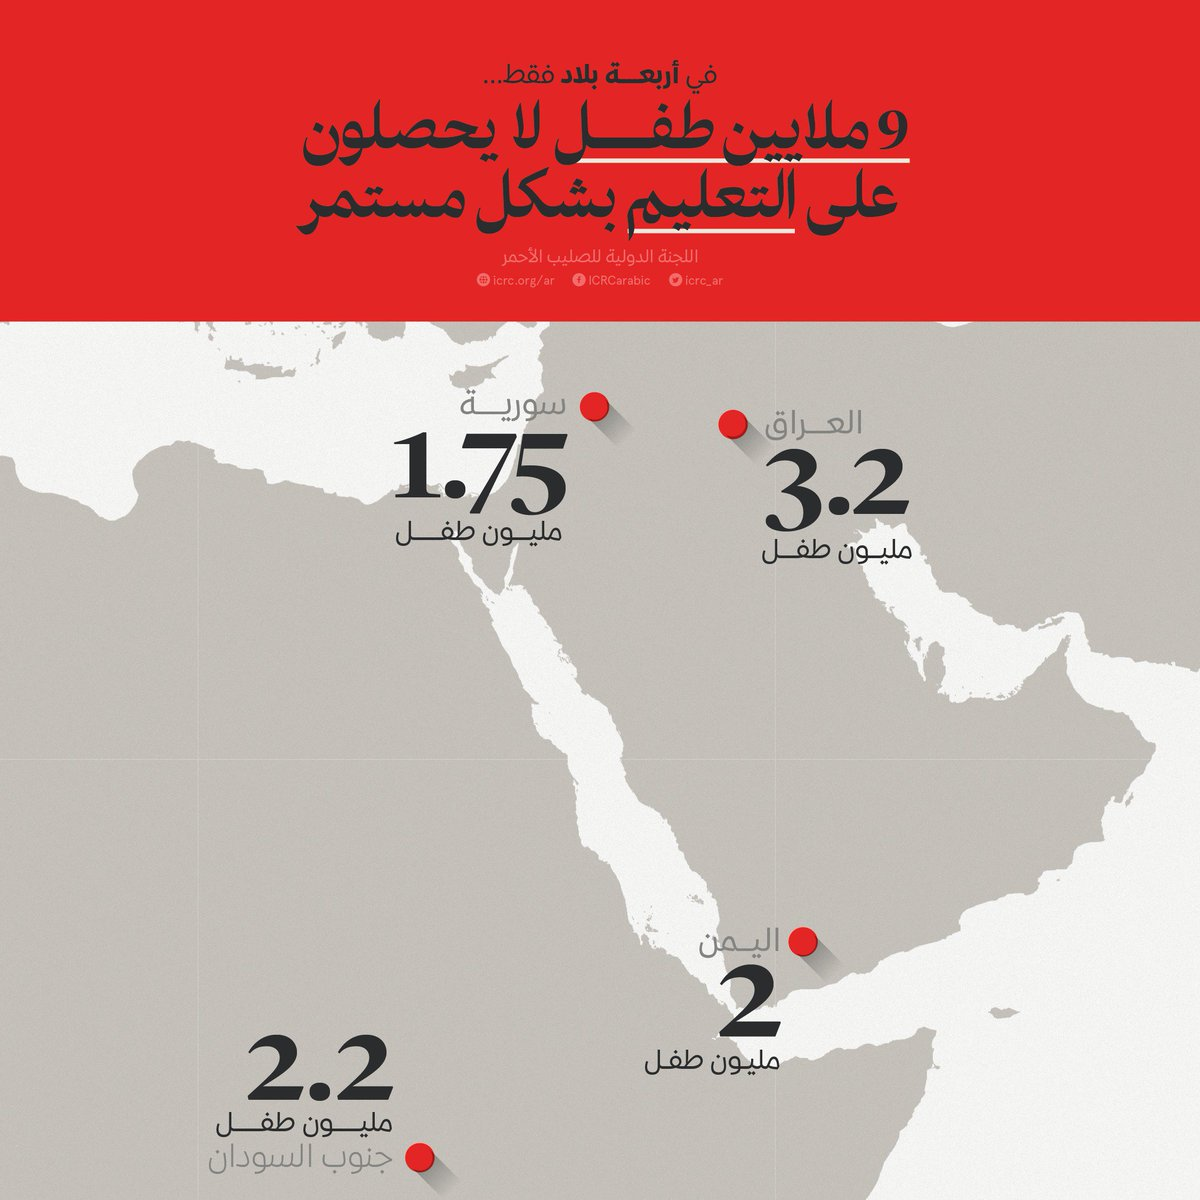 9 مليون طفل في 4 بلدان فقط في أجازة دراسية مفتوحة......  #اليمن #العراق #سورية